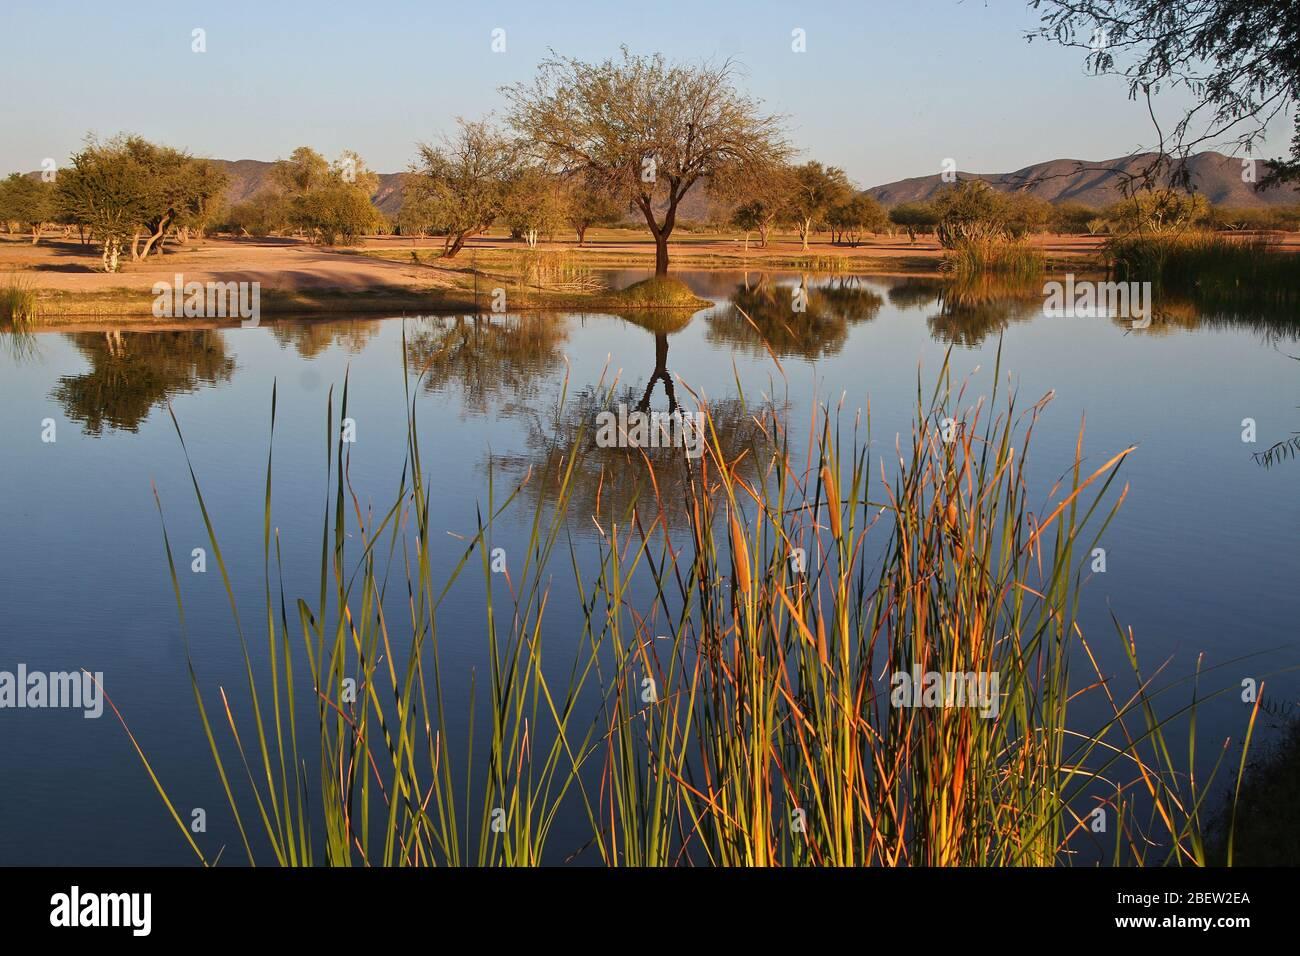 Club de Golf estilo desertico en el real de Catorce (Foto:LuisGutierrez/NortePhoto.com) Stockfoto